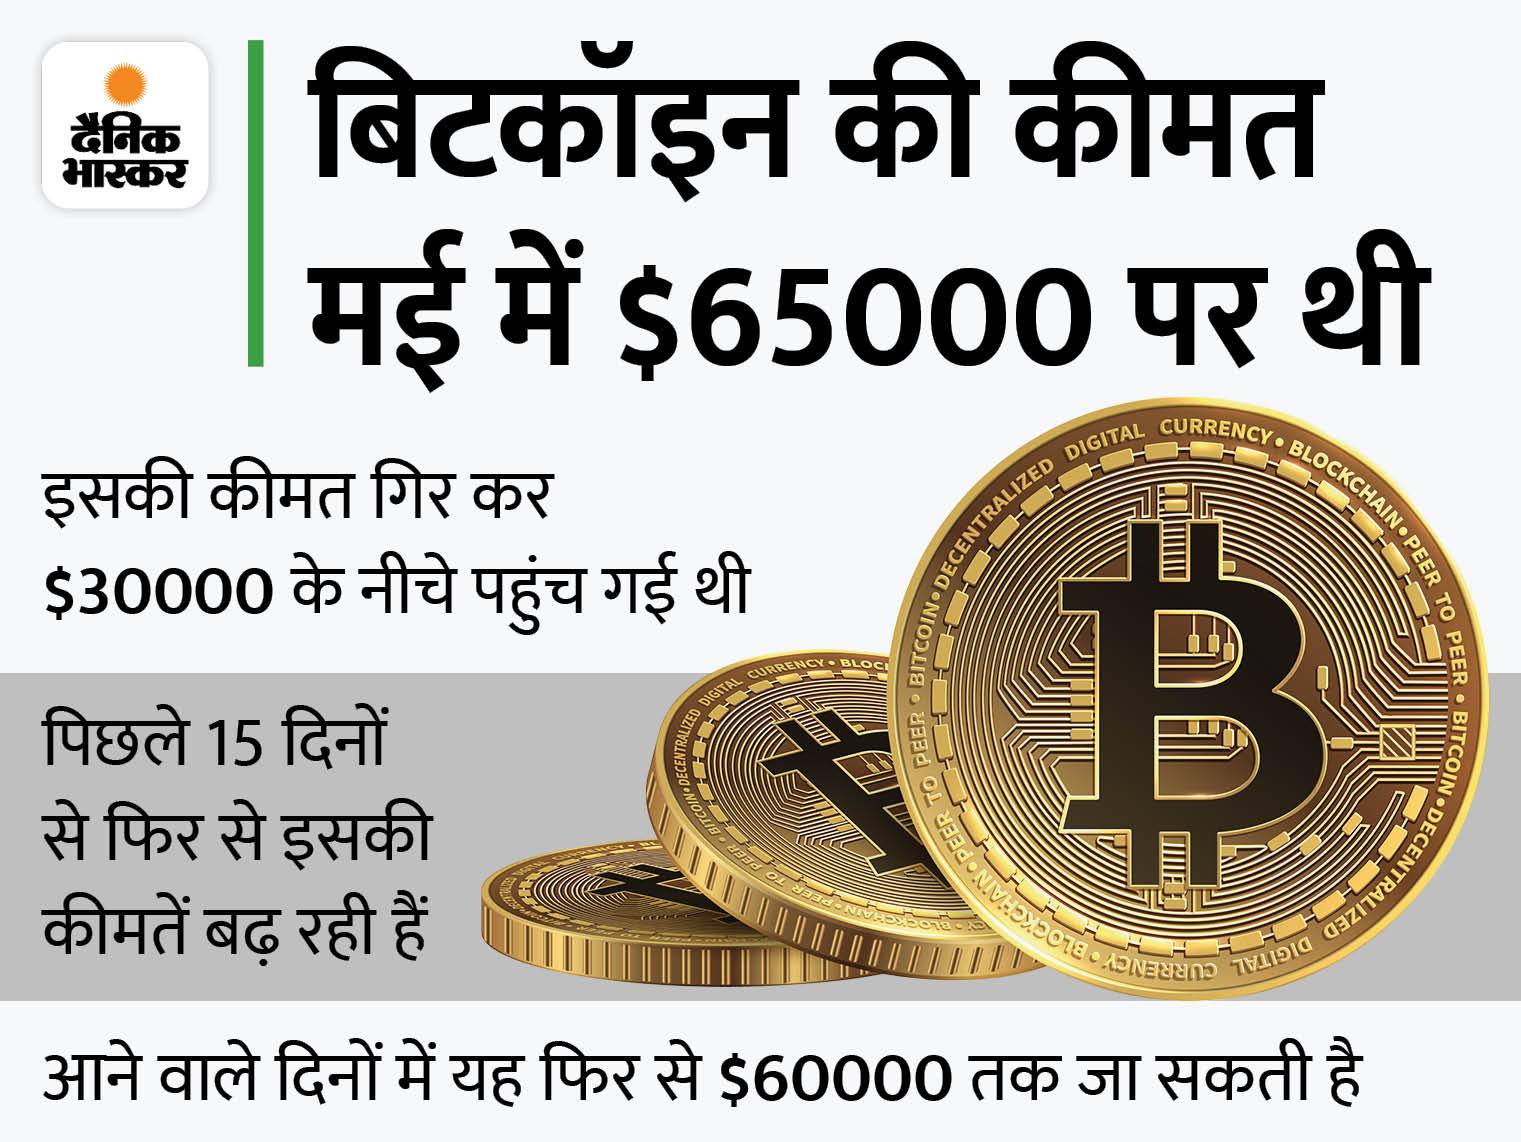 42 हजार डॉलर के करीब पहुंचा भाव, मई के बाद यह हाइएस्ट लेवल पर|बिजनेस,Business - Dainik Bhaskar